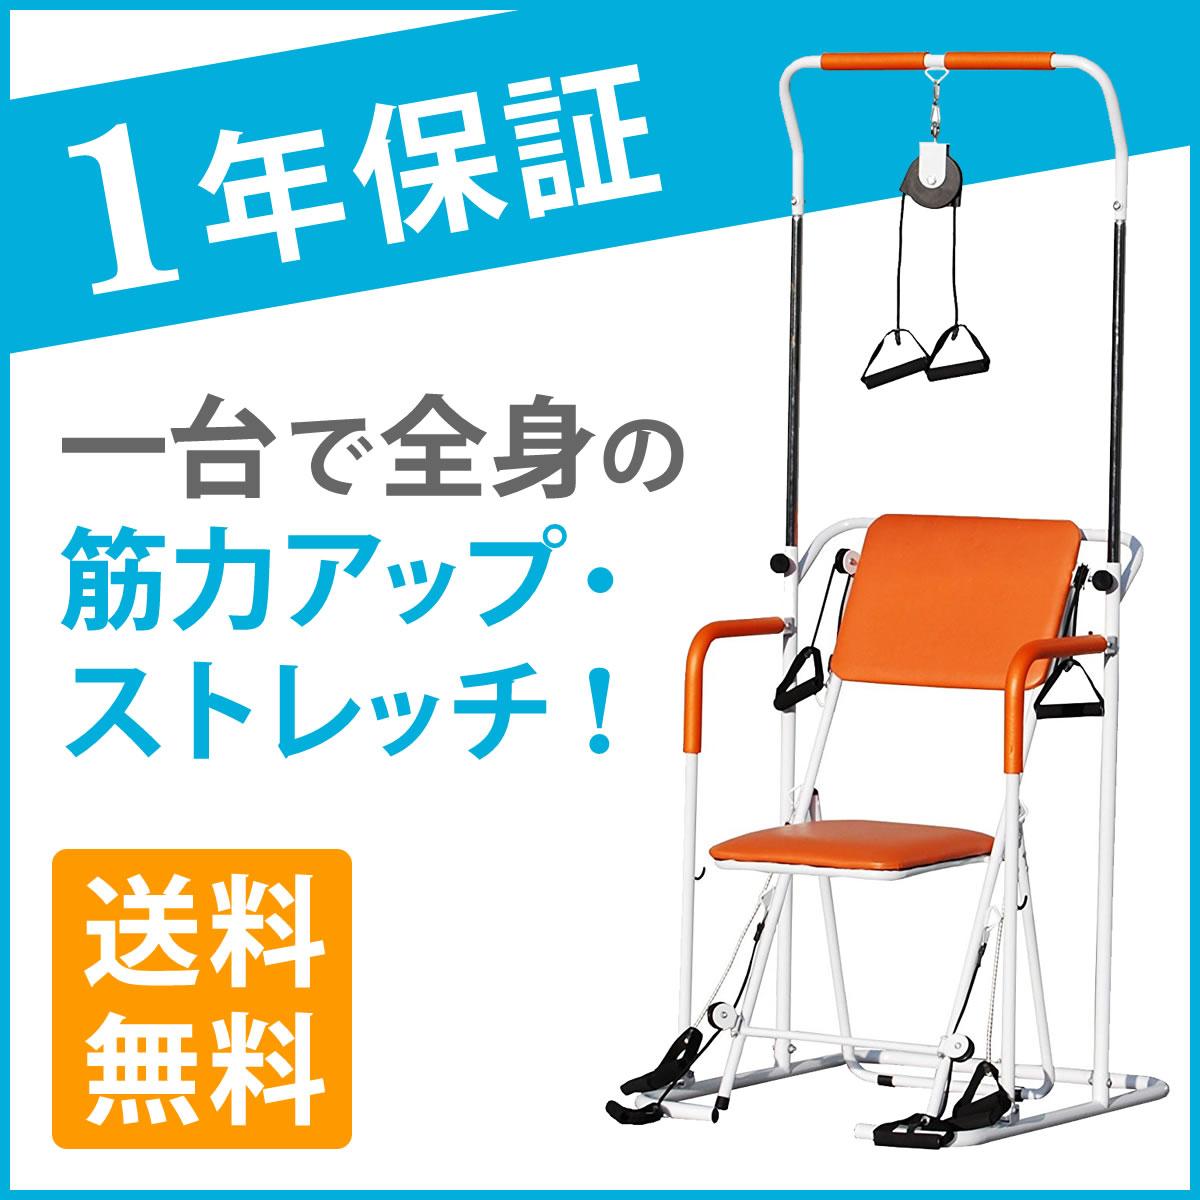 YMHT-250 繝帙�シ繝�繝槭Ν繝√ヨ繝ャ繝シ繝翫�シ